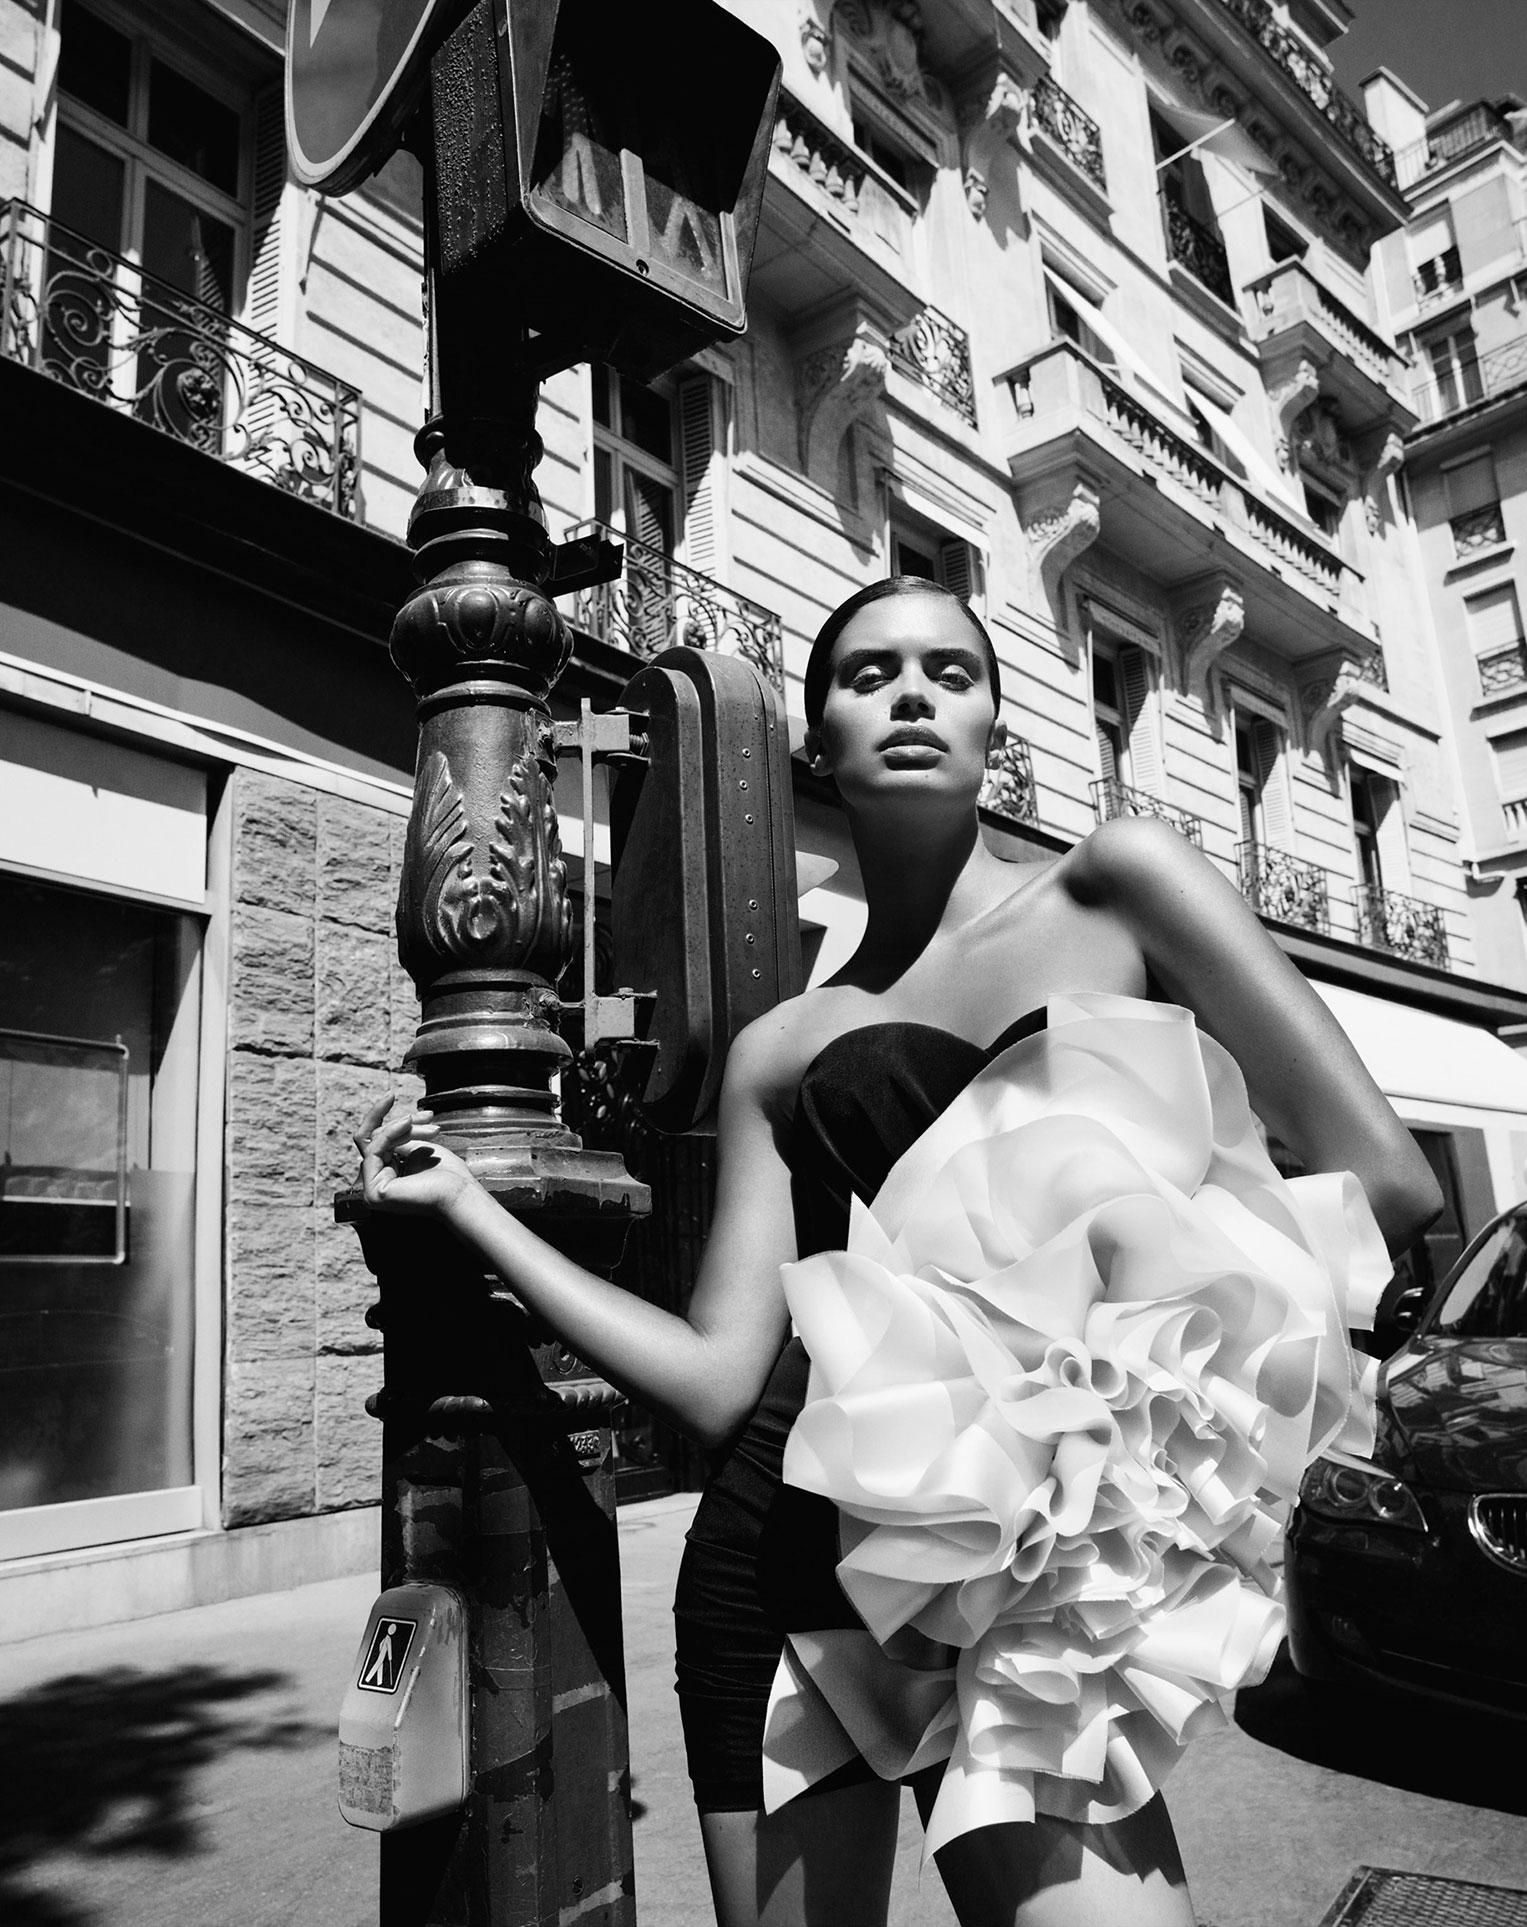 Сара Сампайо демонстрирует модные наряды на улицах и балконах Парижа / фото 13